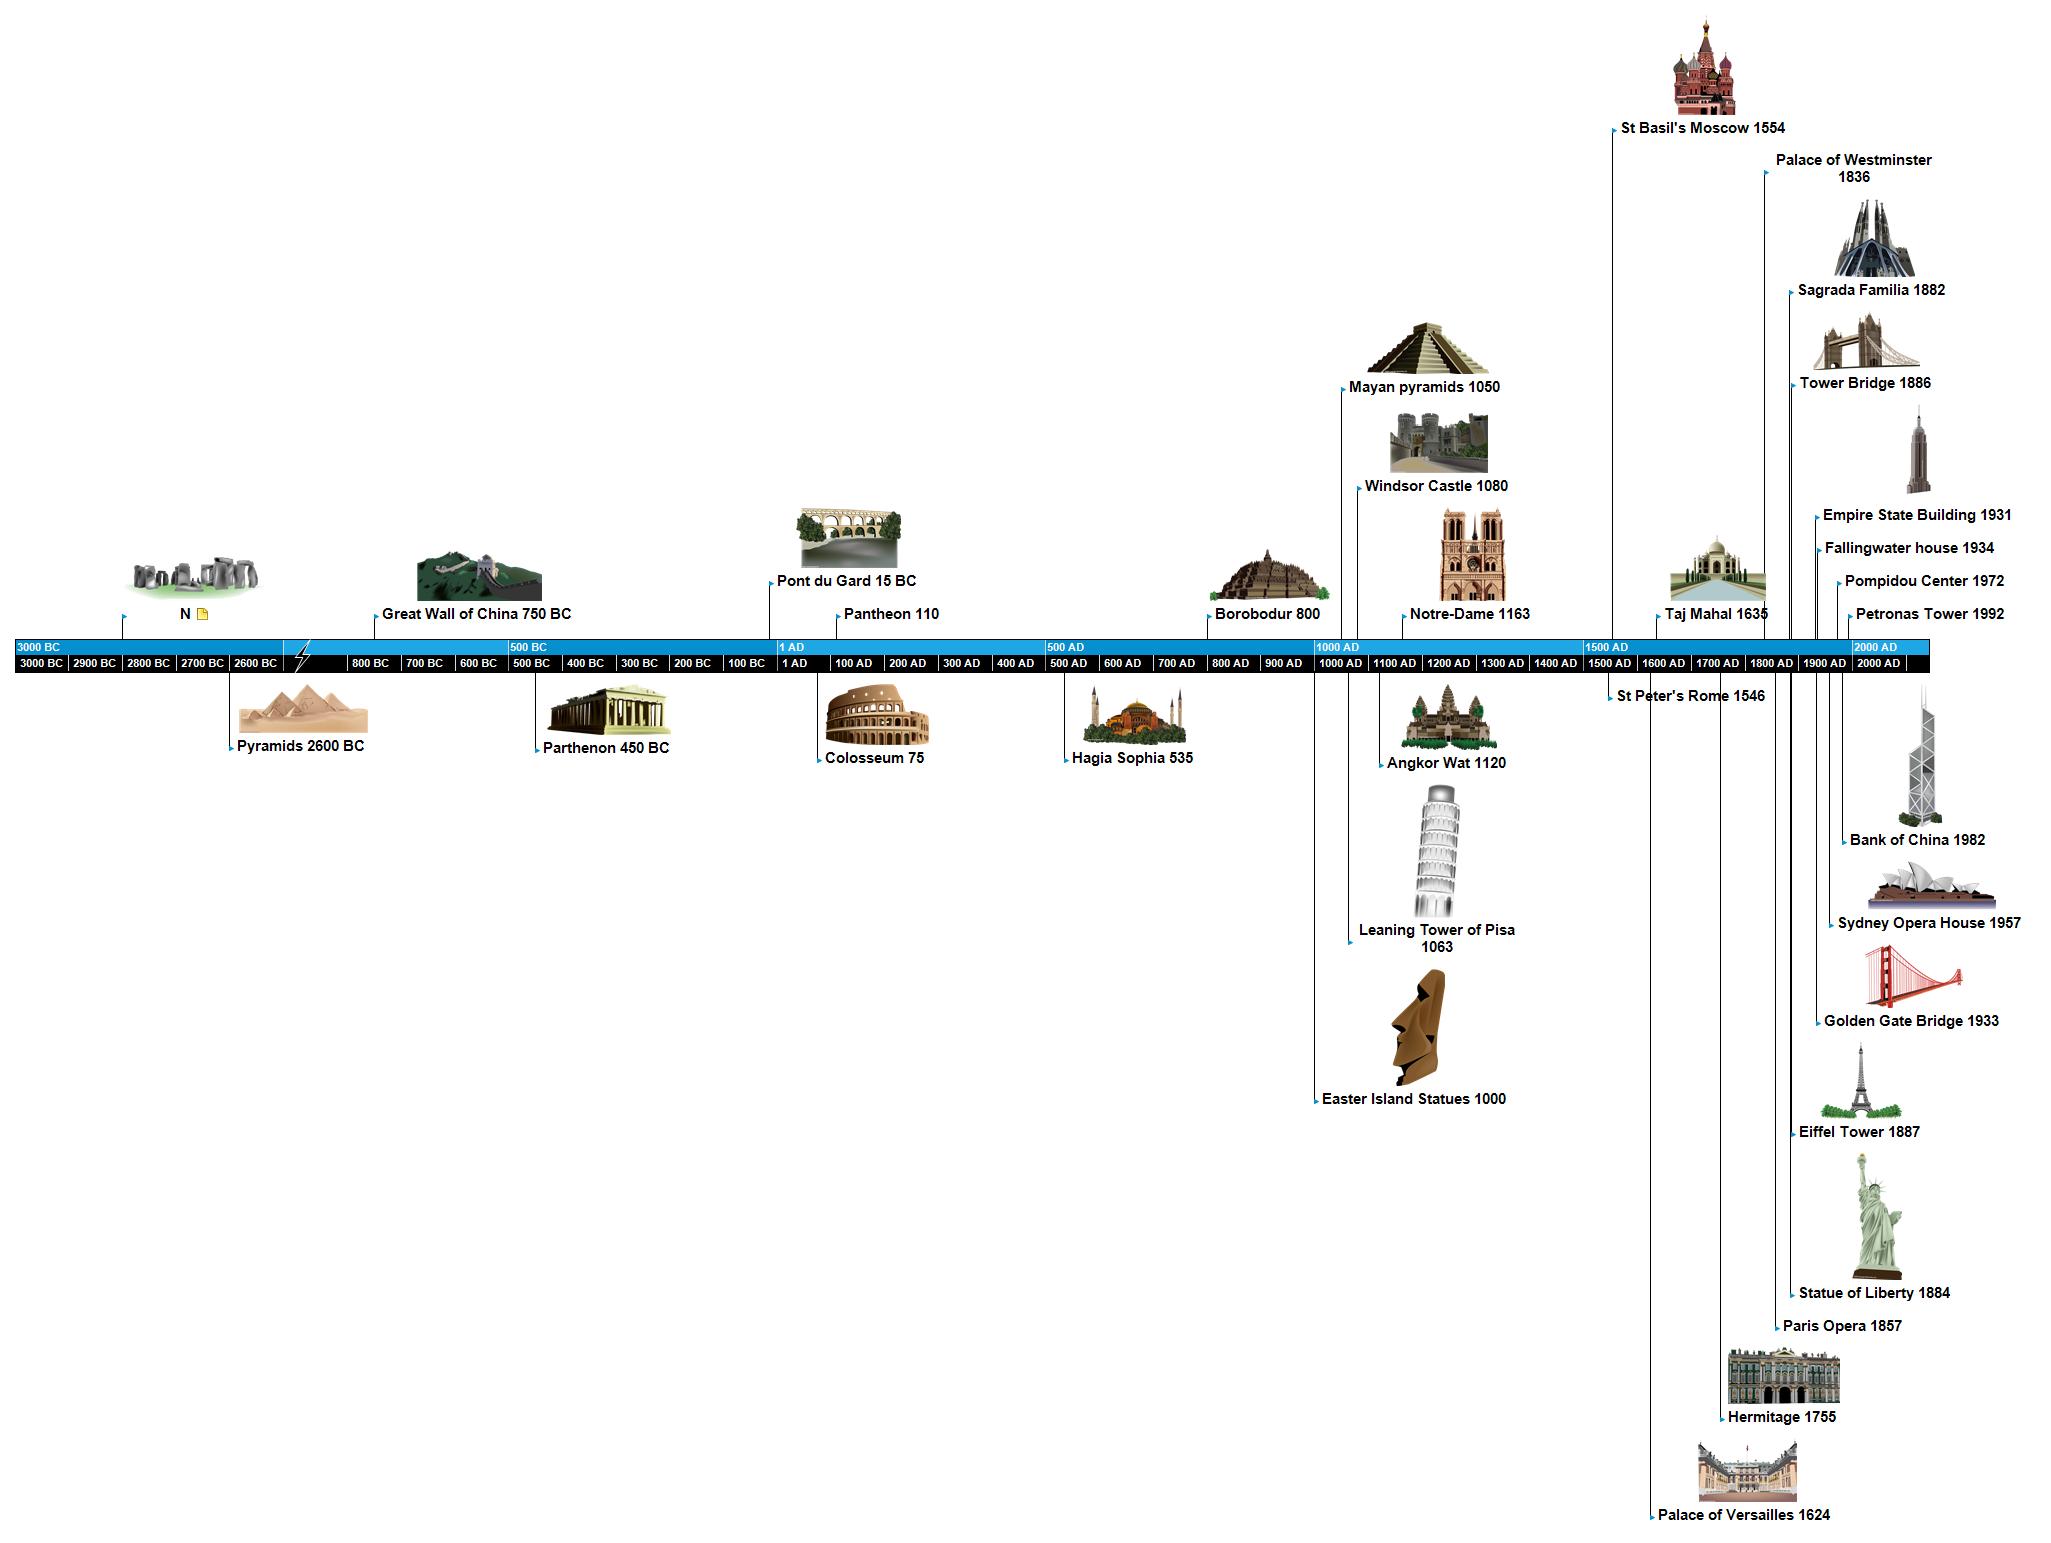 Famous Buildings Timeline